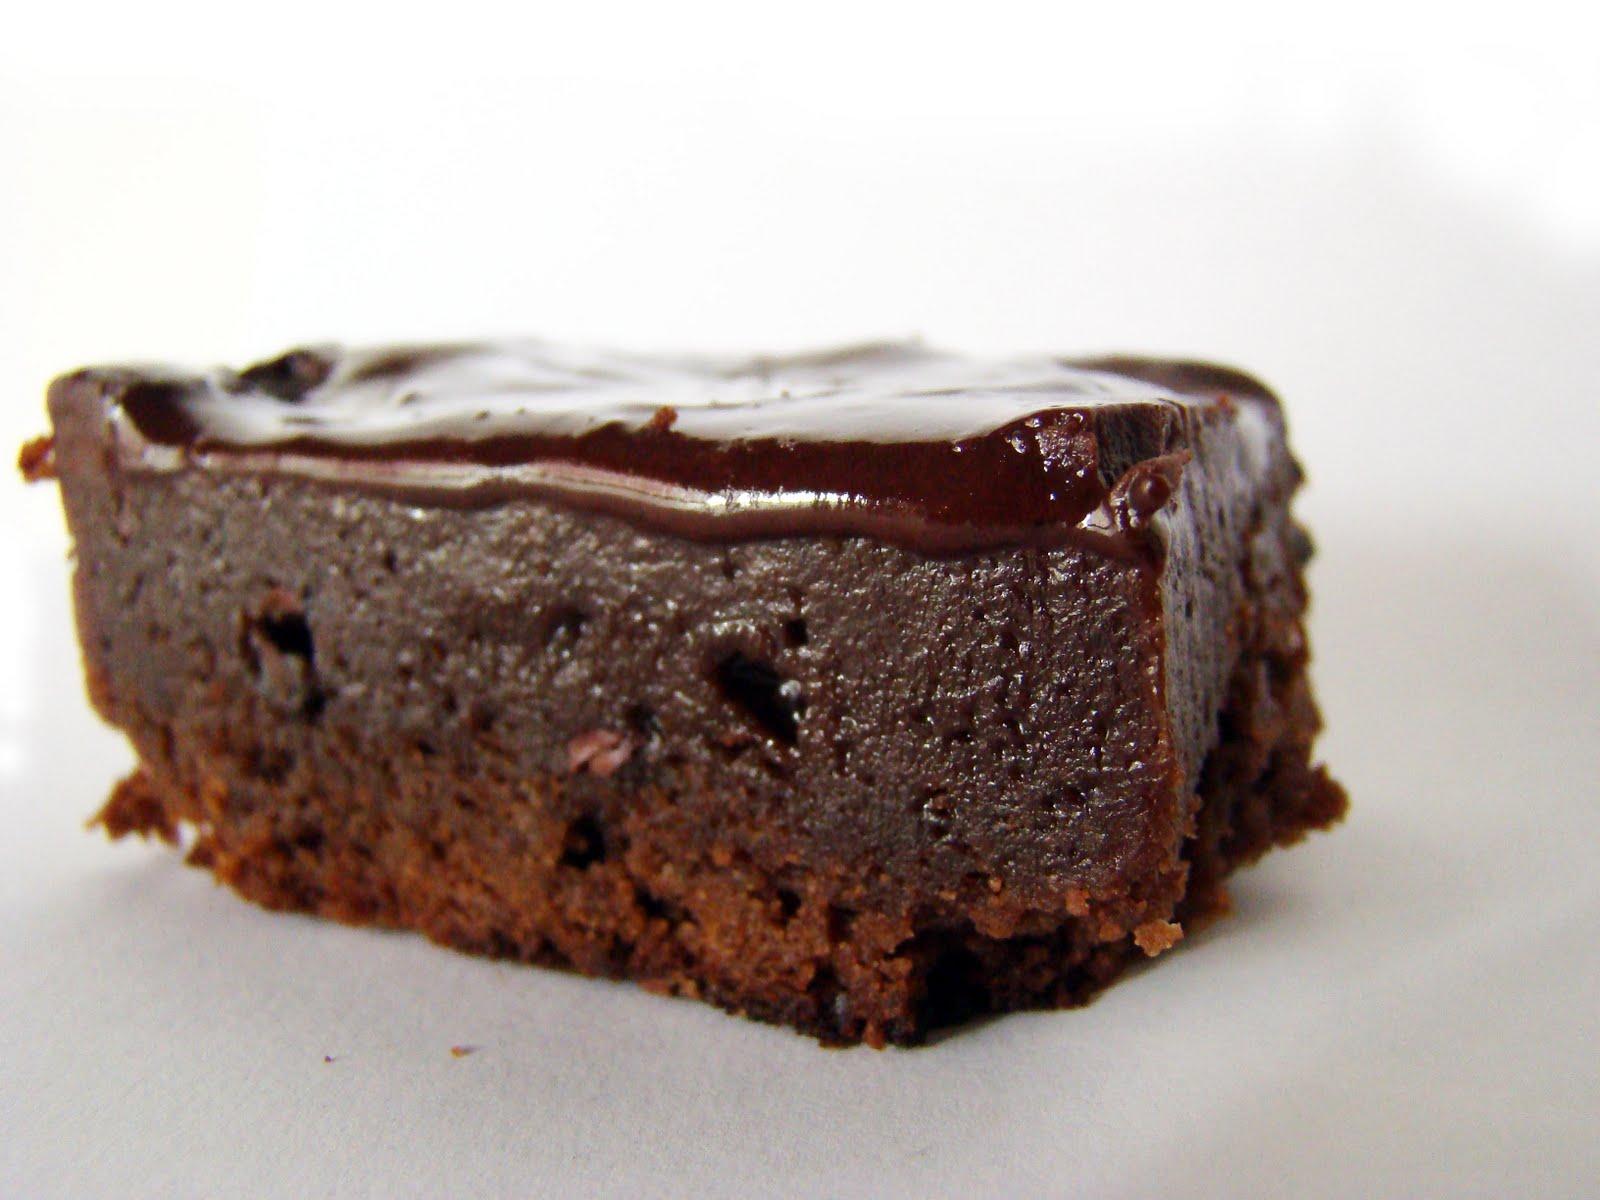 ... con nibs de chocolate